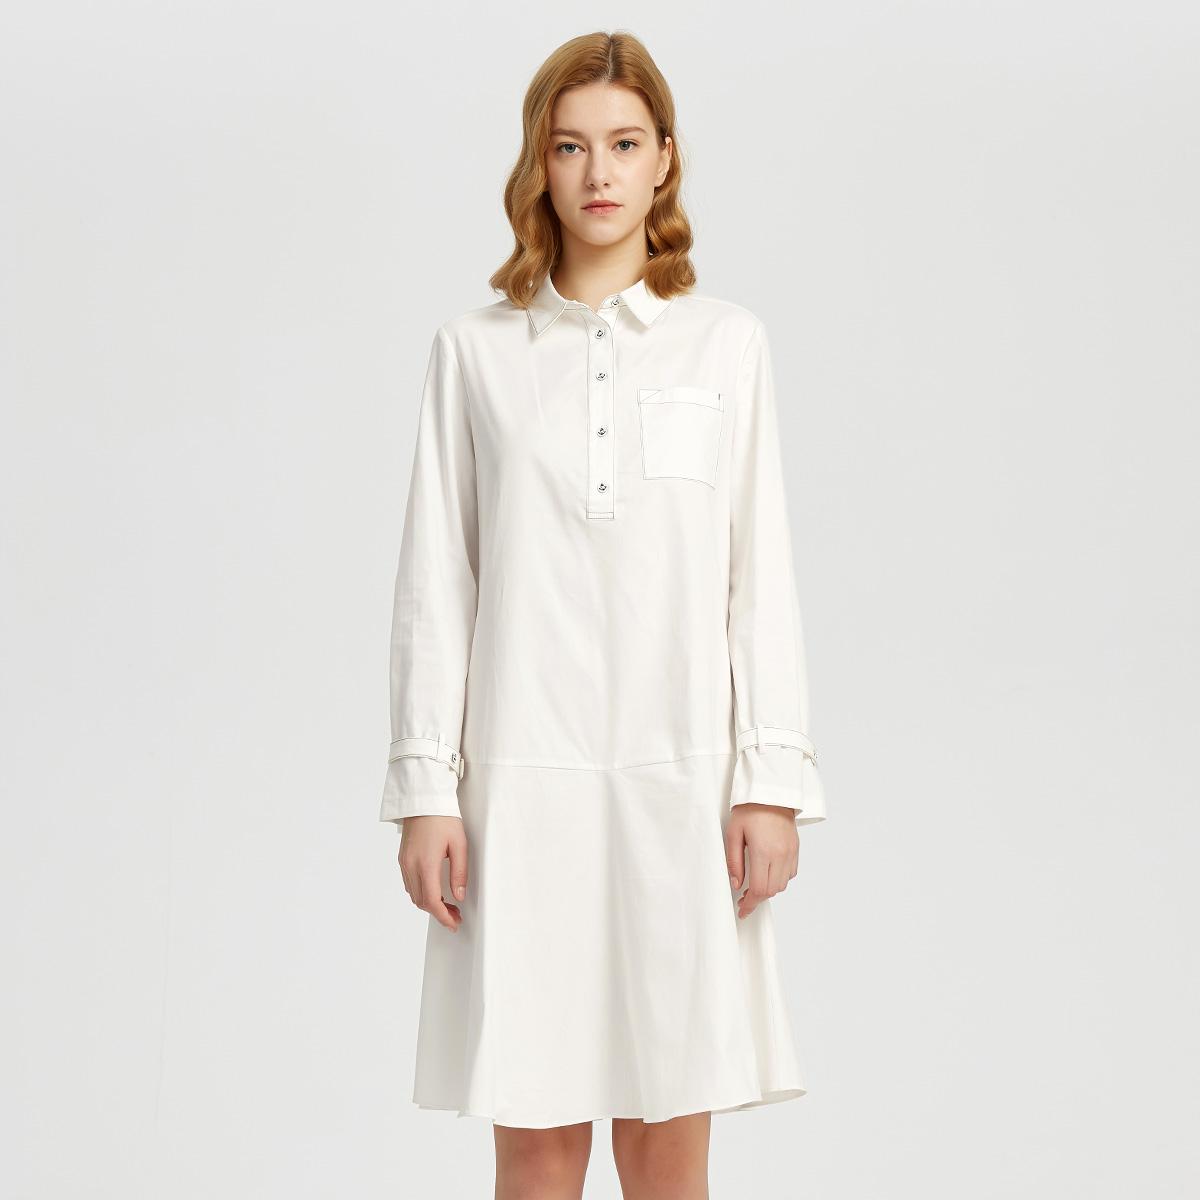 伊芙丽夏季新款连衣裙118C990341限5000张券